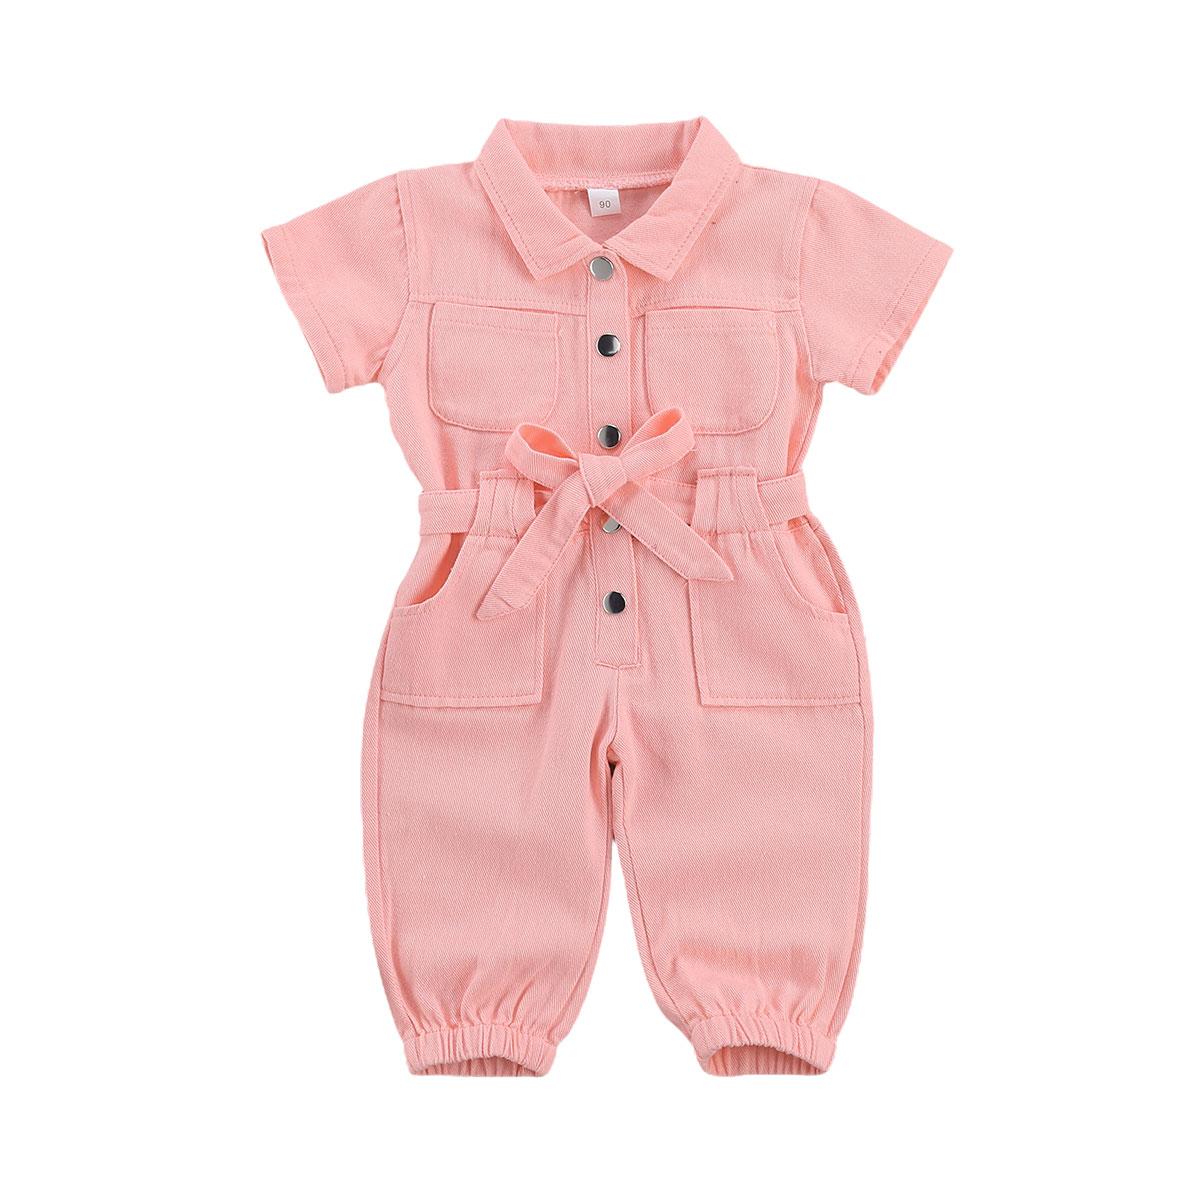 الرضع الاطفال طفل الفتيات بذلة الدينيم ملابس العمل قطعة واحدة طفل يقف طوق جيب قصيرة الأكمام رومبير للأطفال